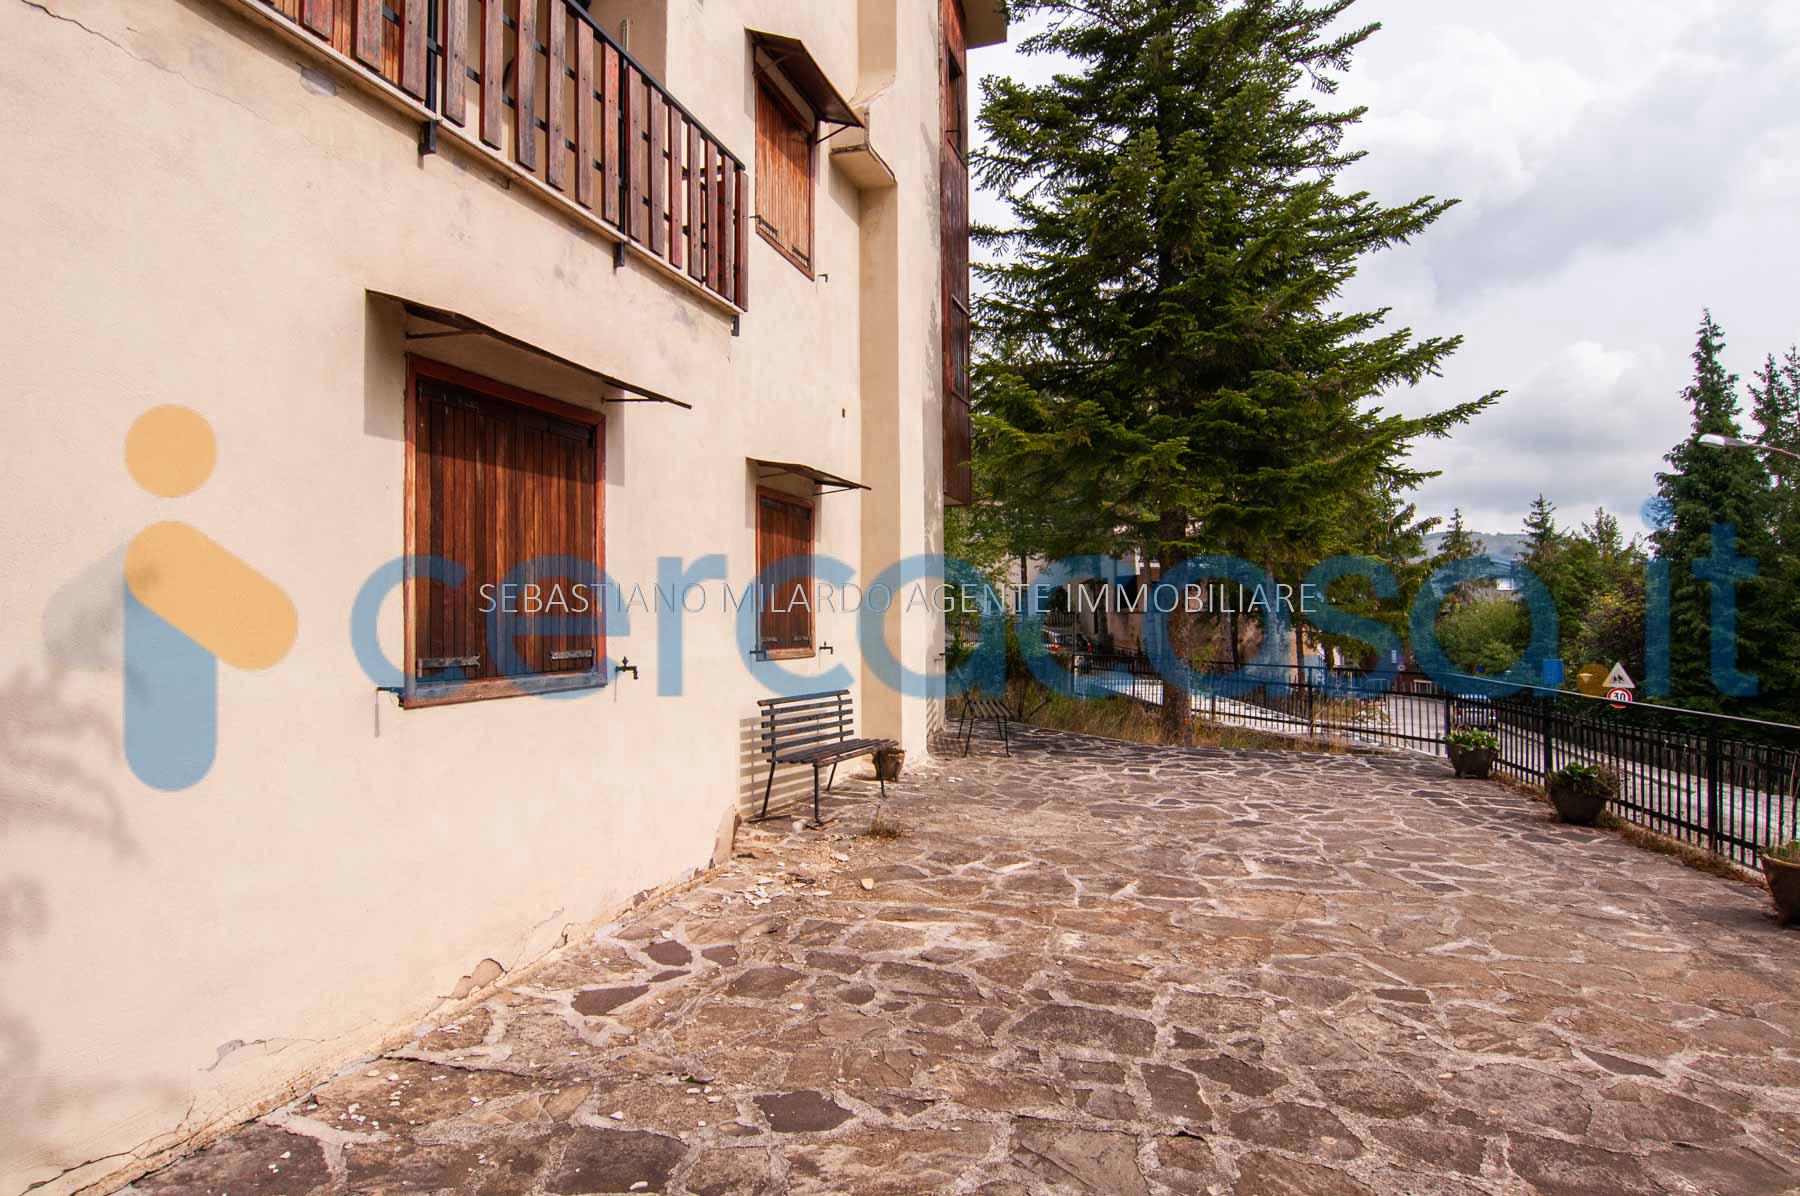 _appartamento-viale-_gabriele-_d_annunzio__002c-_rivisondoli